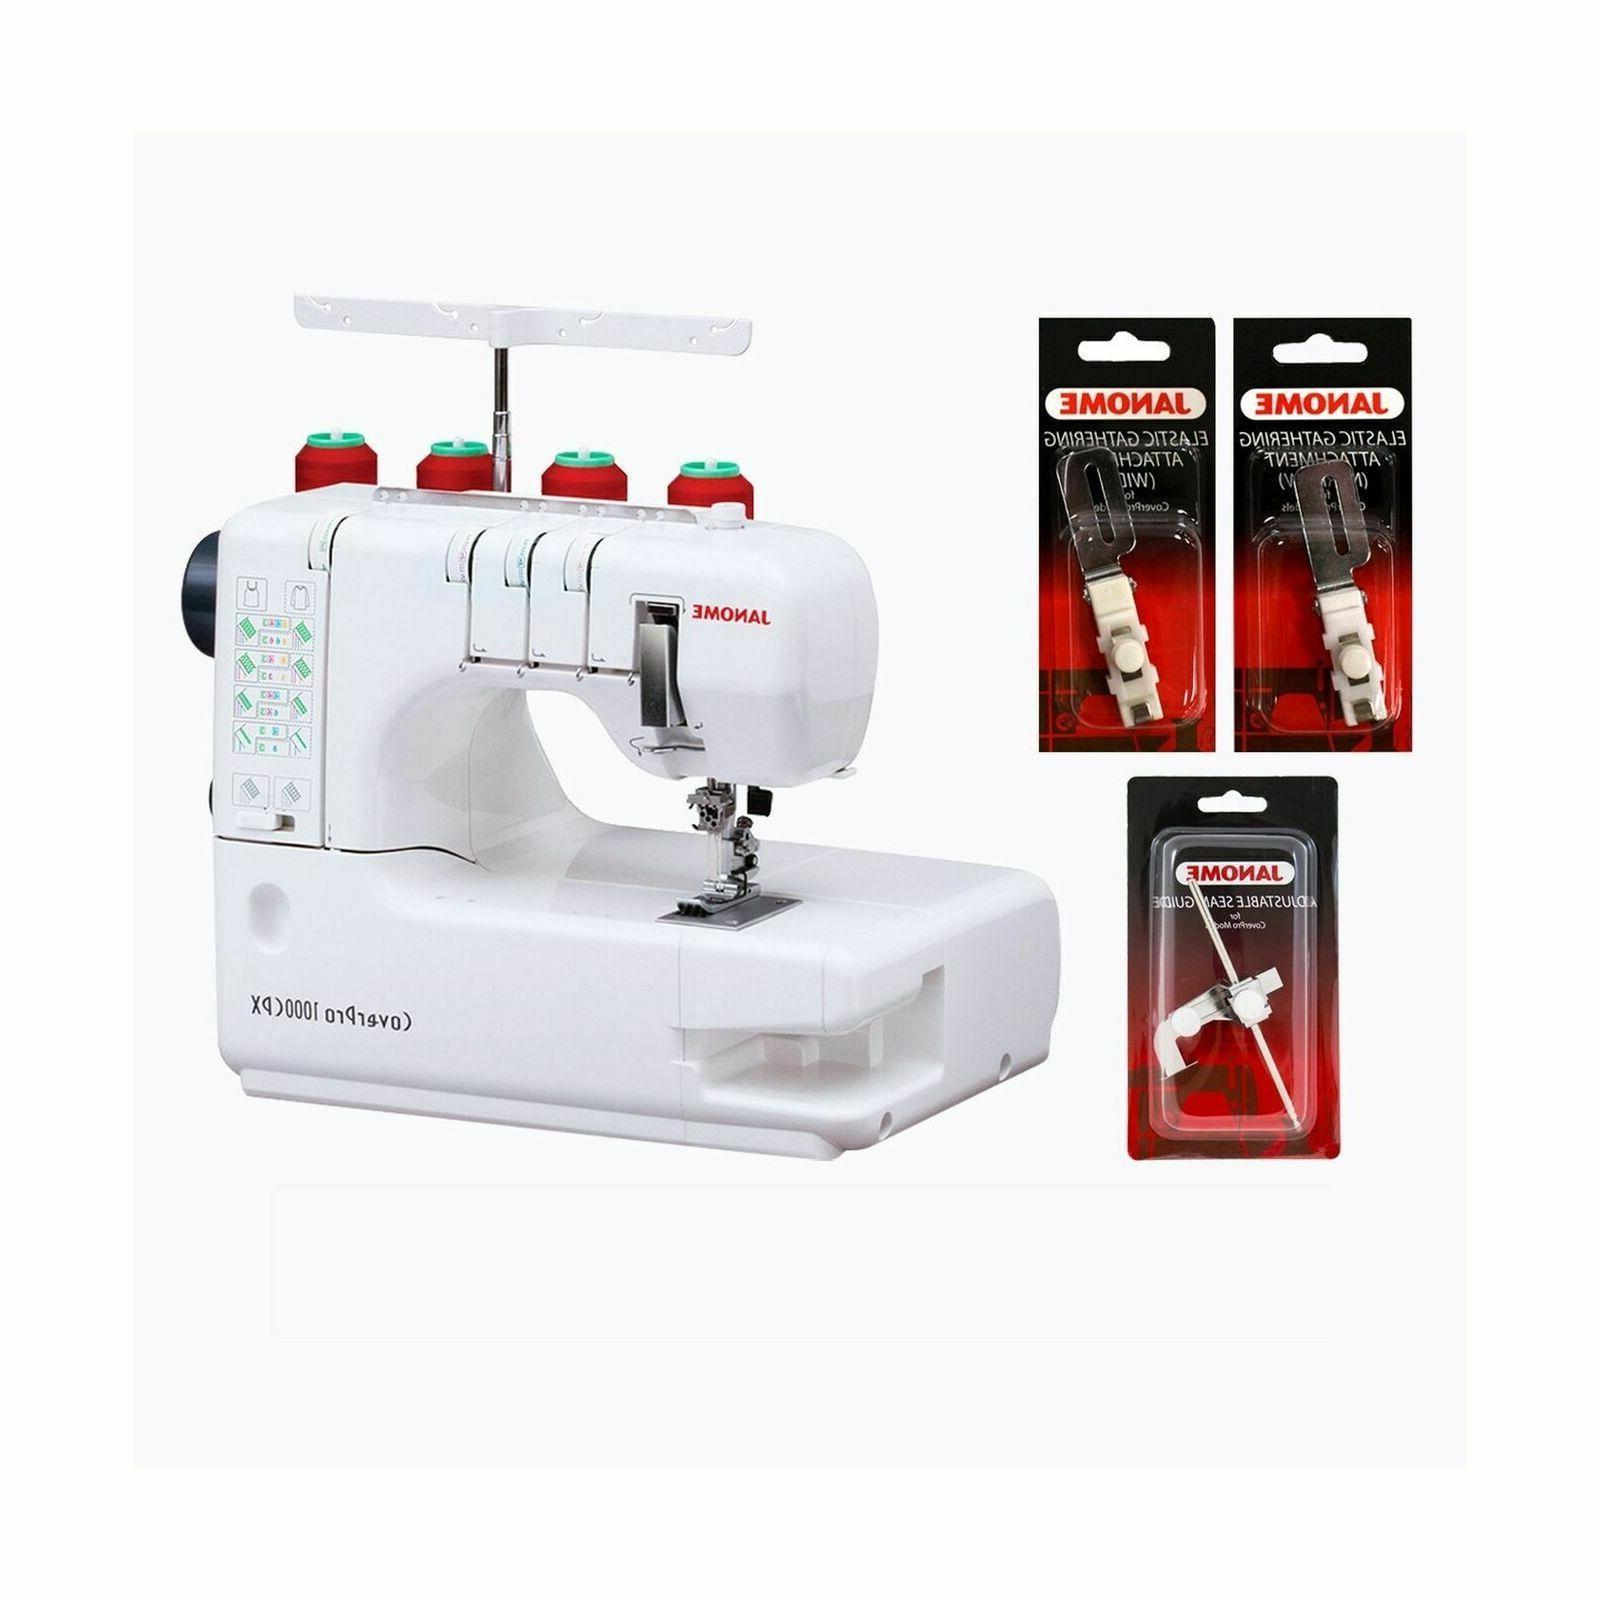 1000cpx coverpro coverstitch sewing machine w bonus